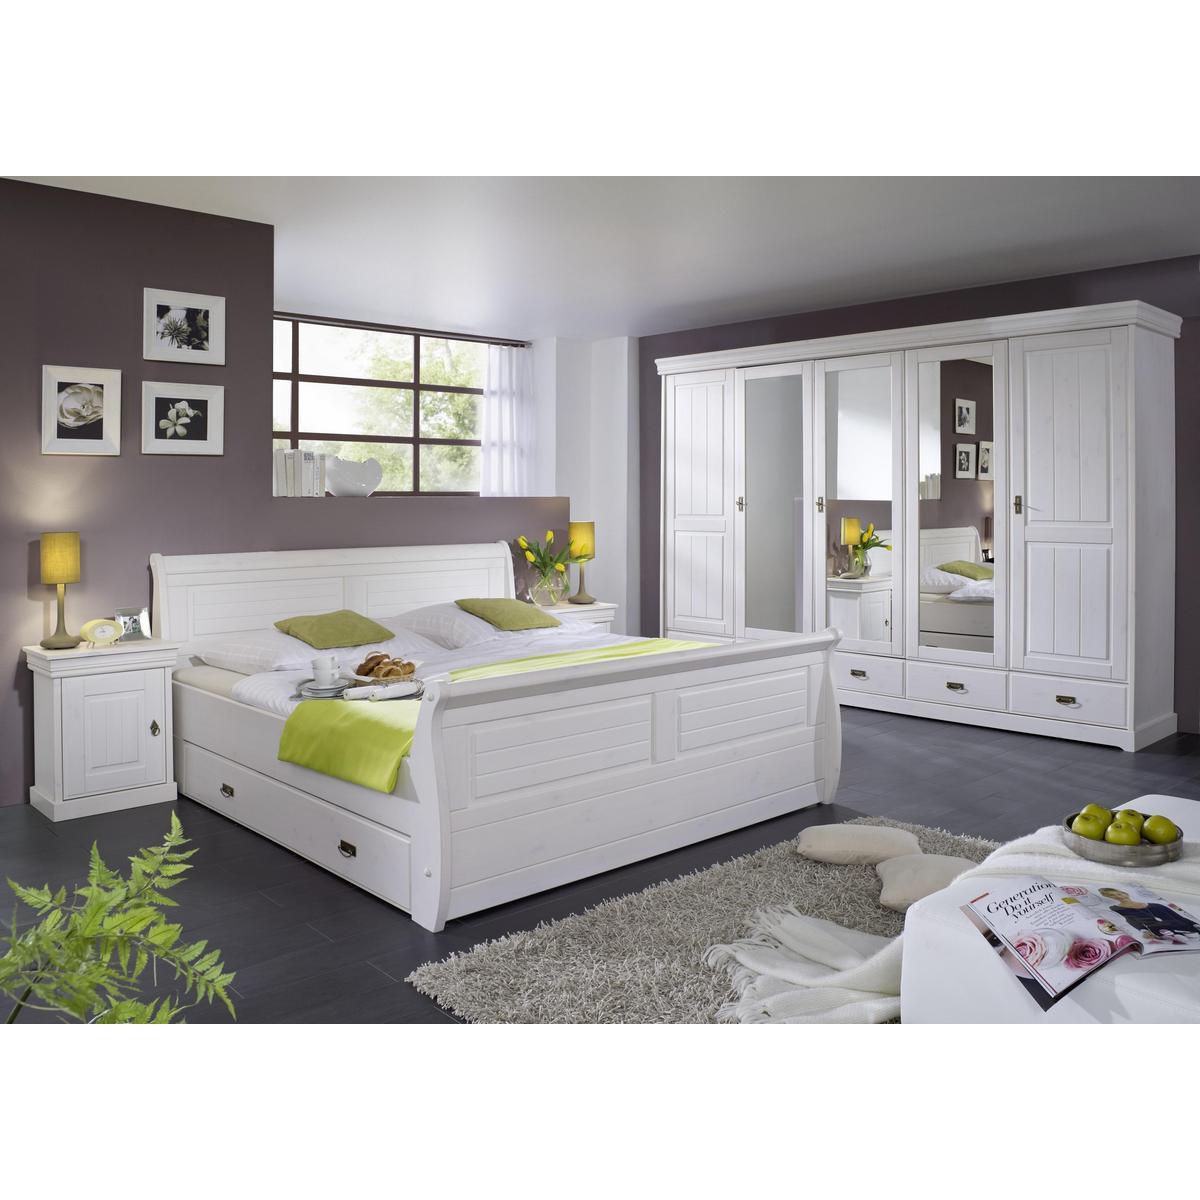 massivholz schlafzimmer kiefer komplett 4 teilig rom. Black Bedroom Furniture Sets. Home Design Ideas